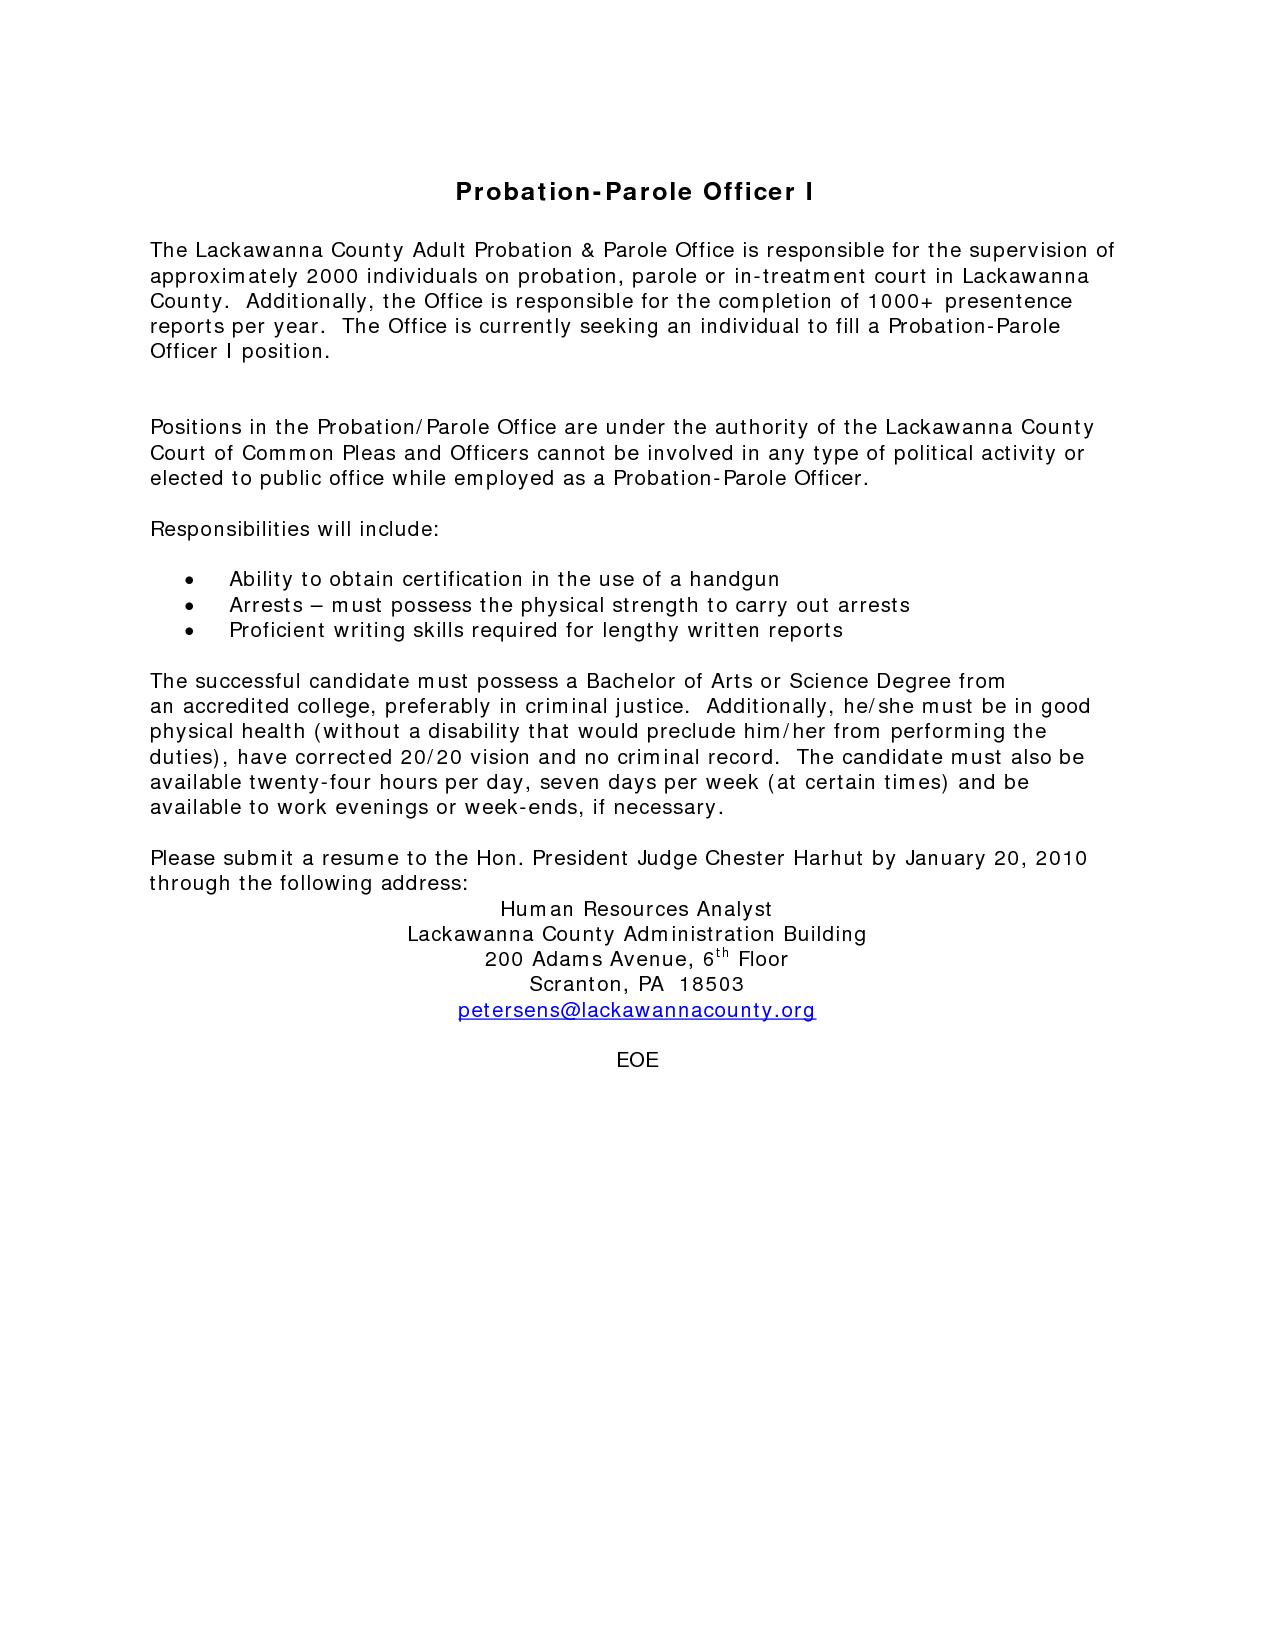 Federal probation officer cover letter Probation officer